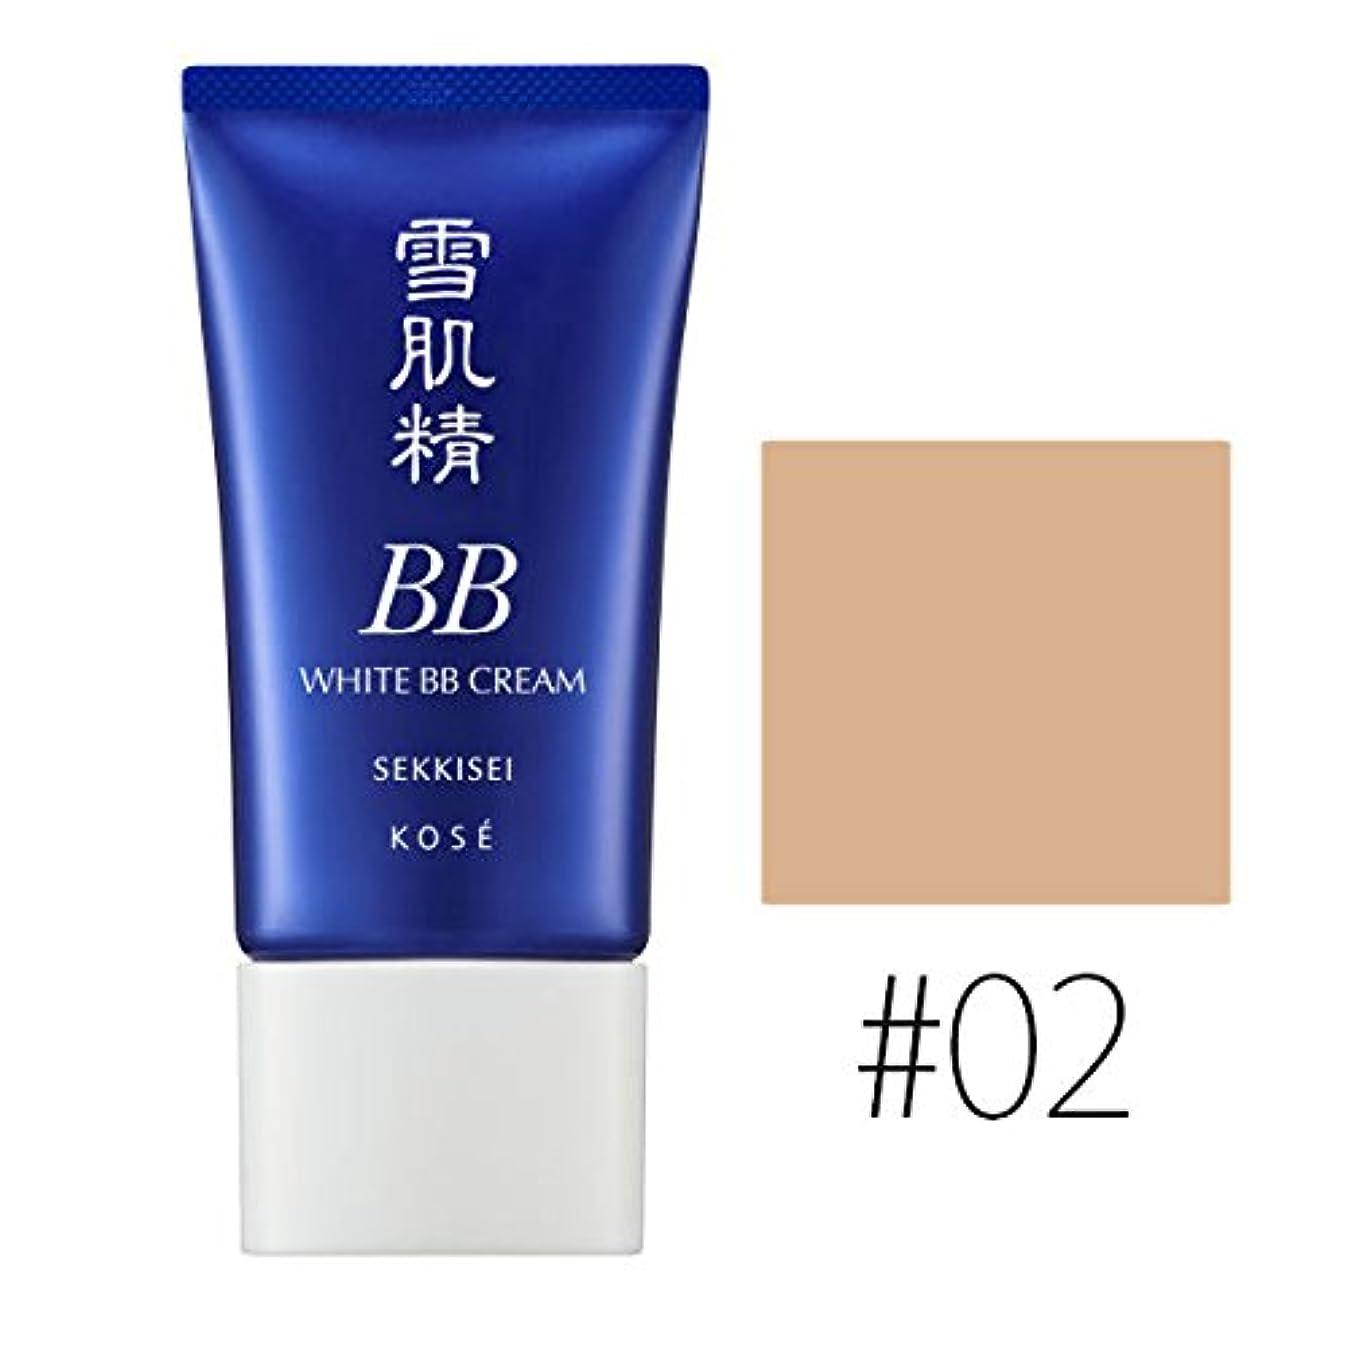 ポテト不透明なモノグラフコーセー 雪肌精 ホワイト BBクリーム【#02】 #OCHRE SPF40/PA+++ 30g